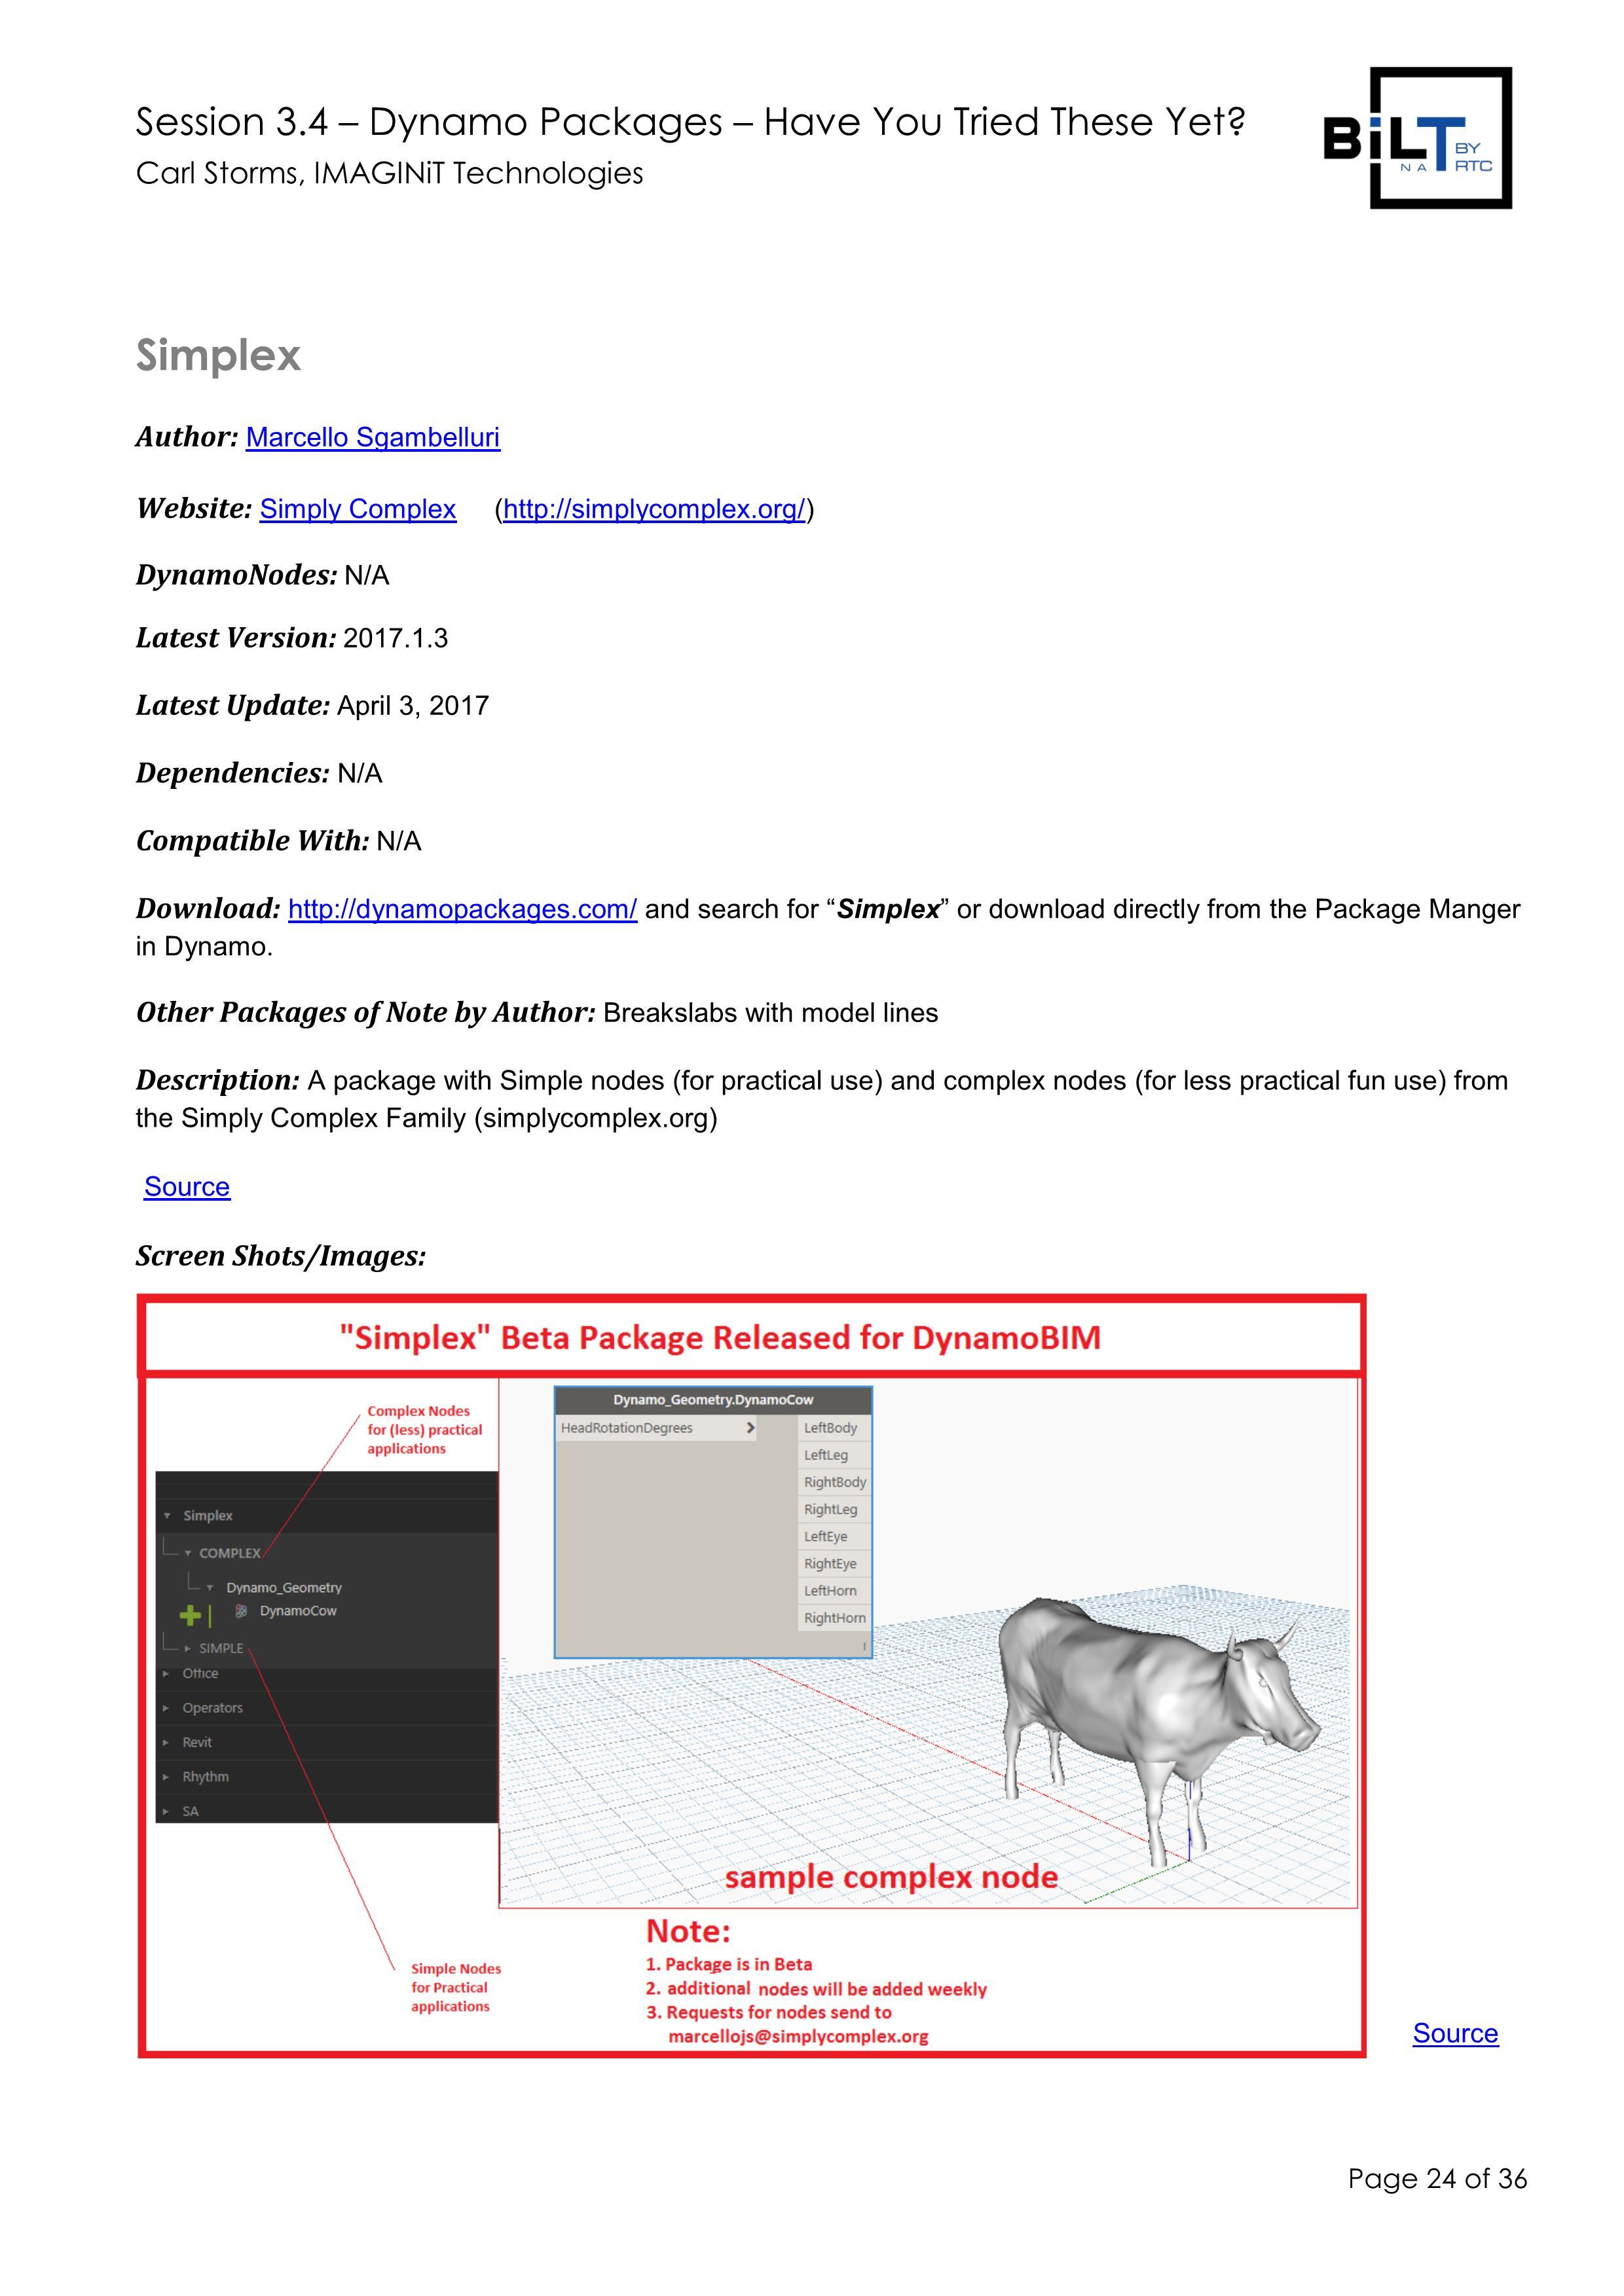 DynamoPackagesHaveYouTried Page 024.jpg